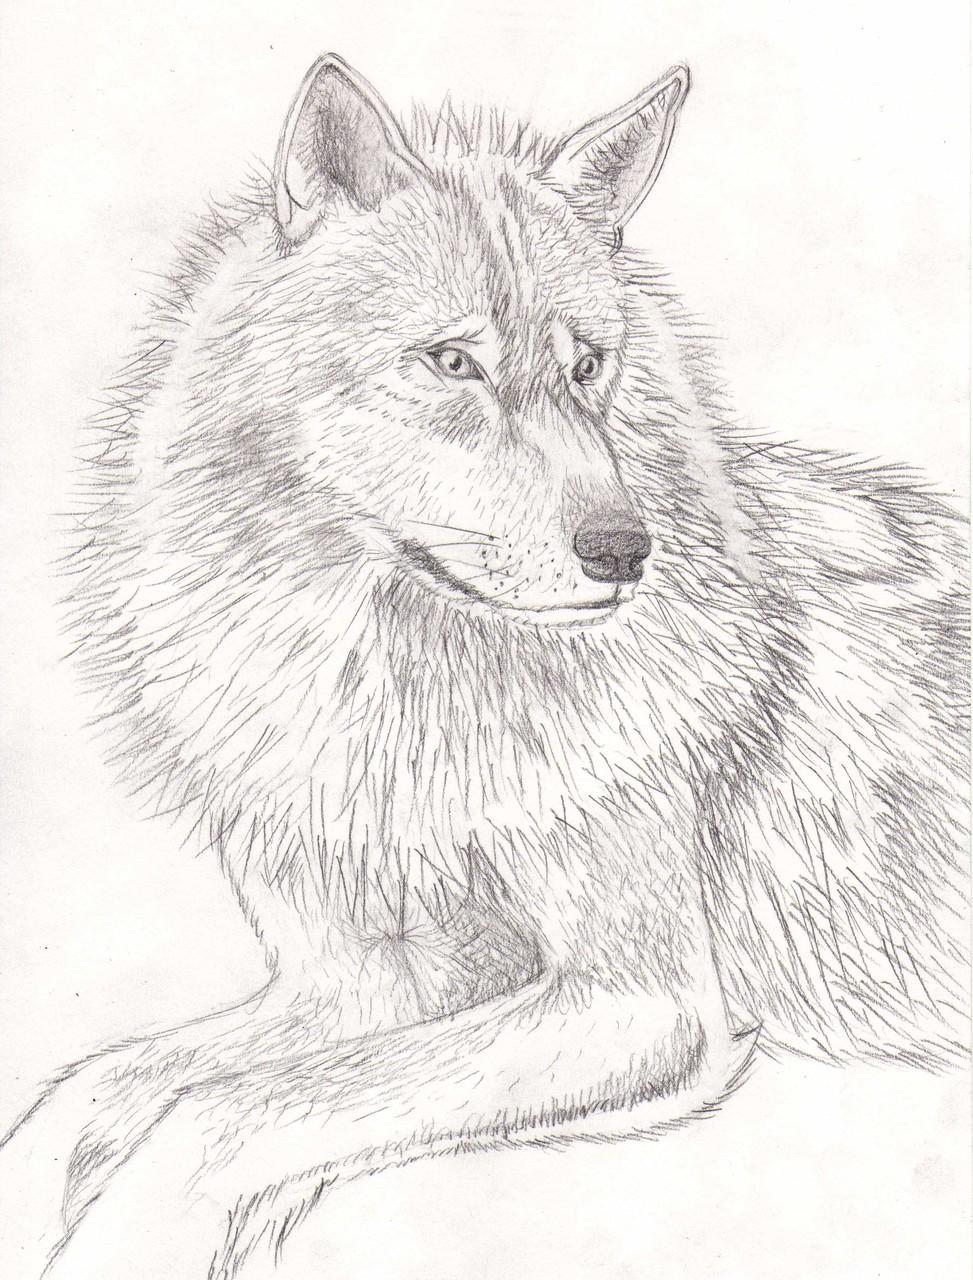 Dessins sur Feuille > Loup